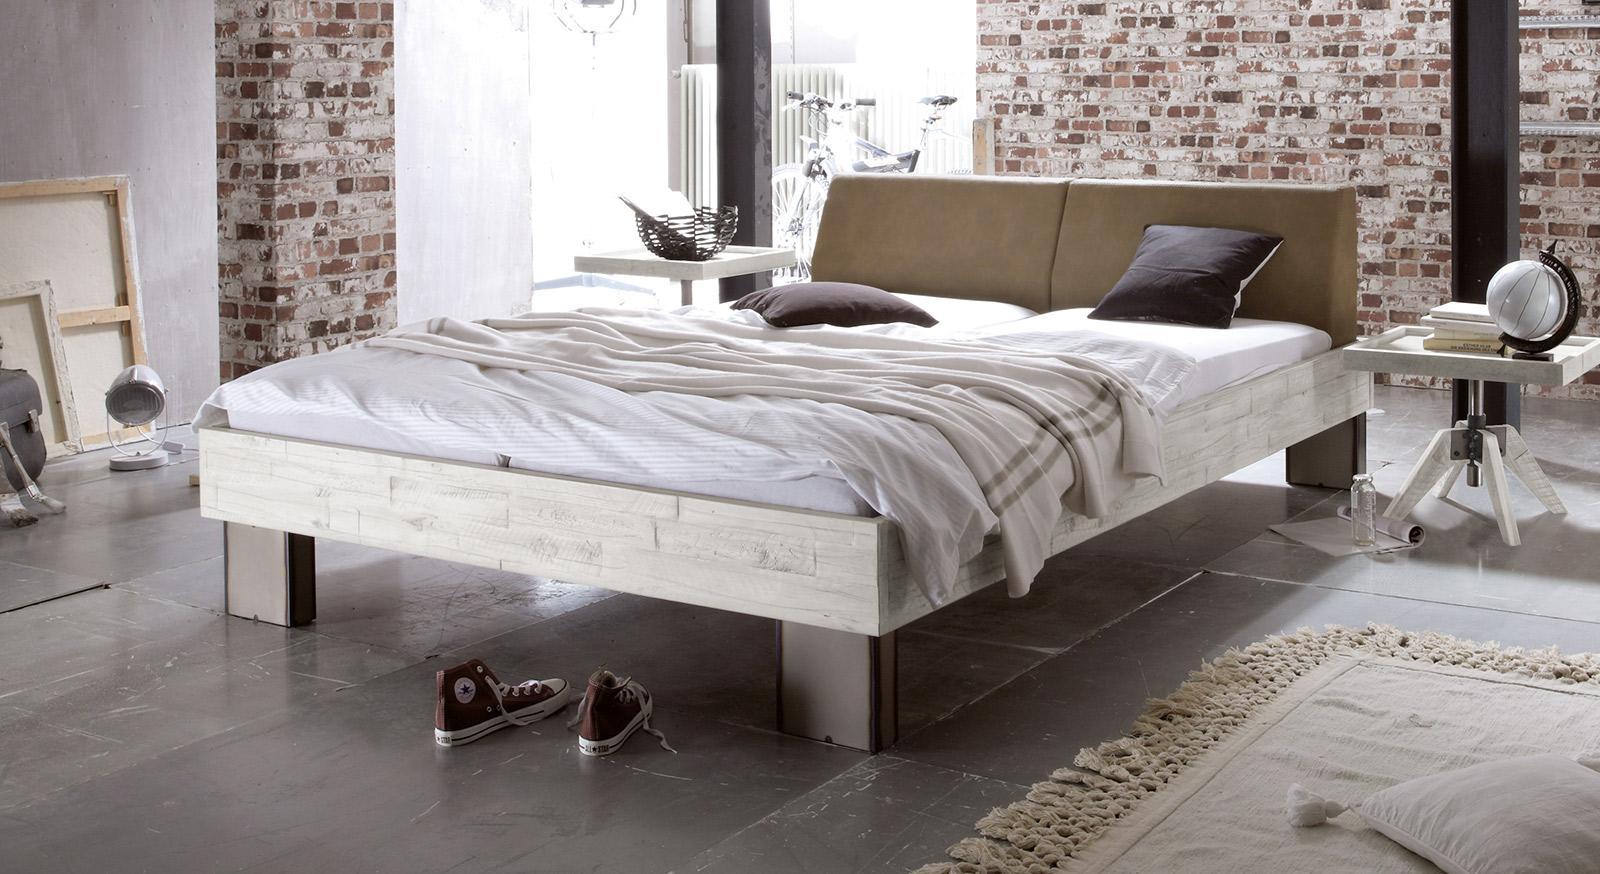 Bett Salla aus massiver weißer Akazie